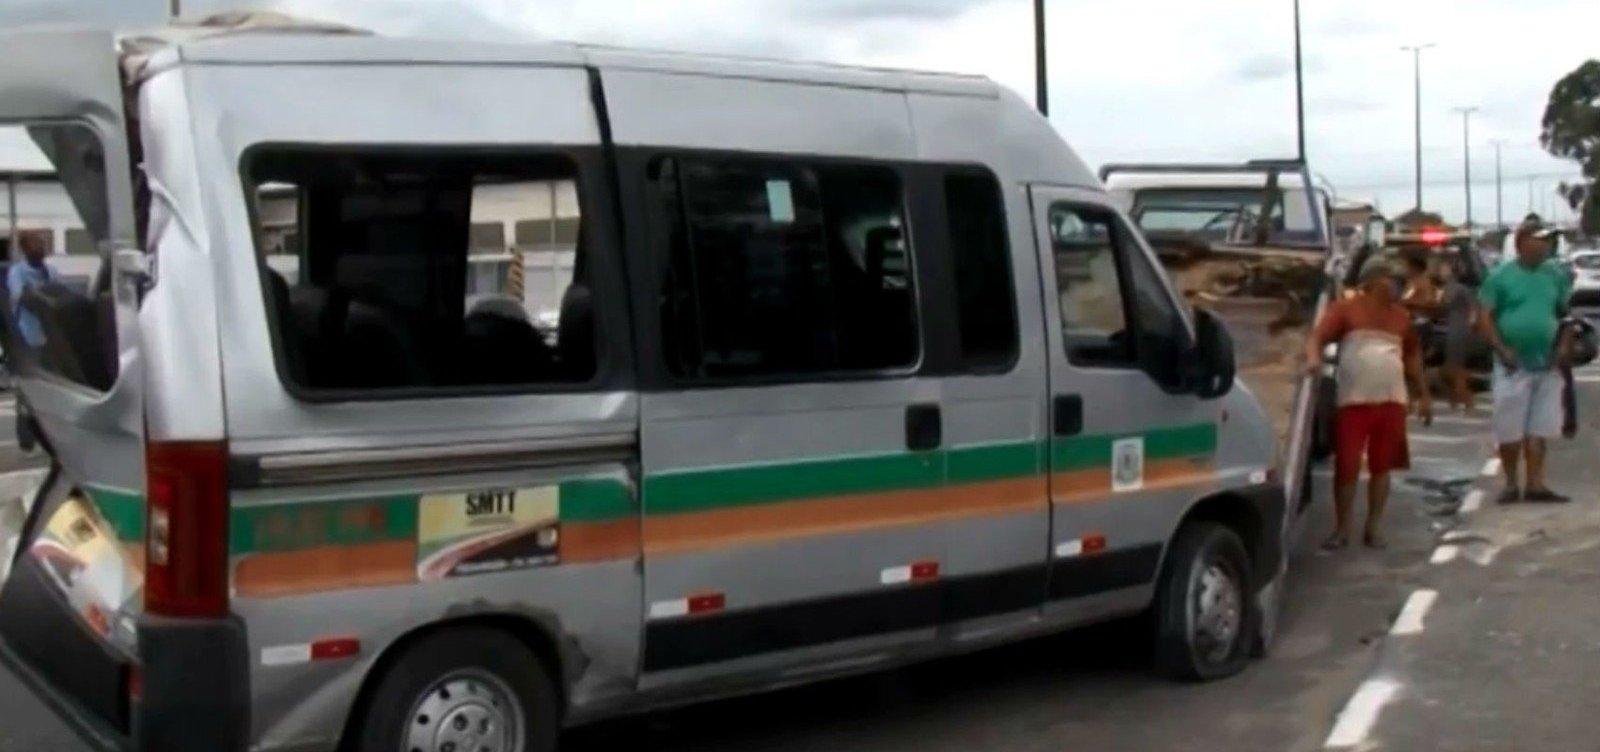 [Homem ferido em batida entre van e ônibus morre em hospital]